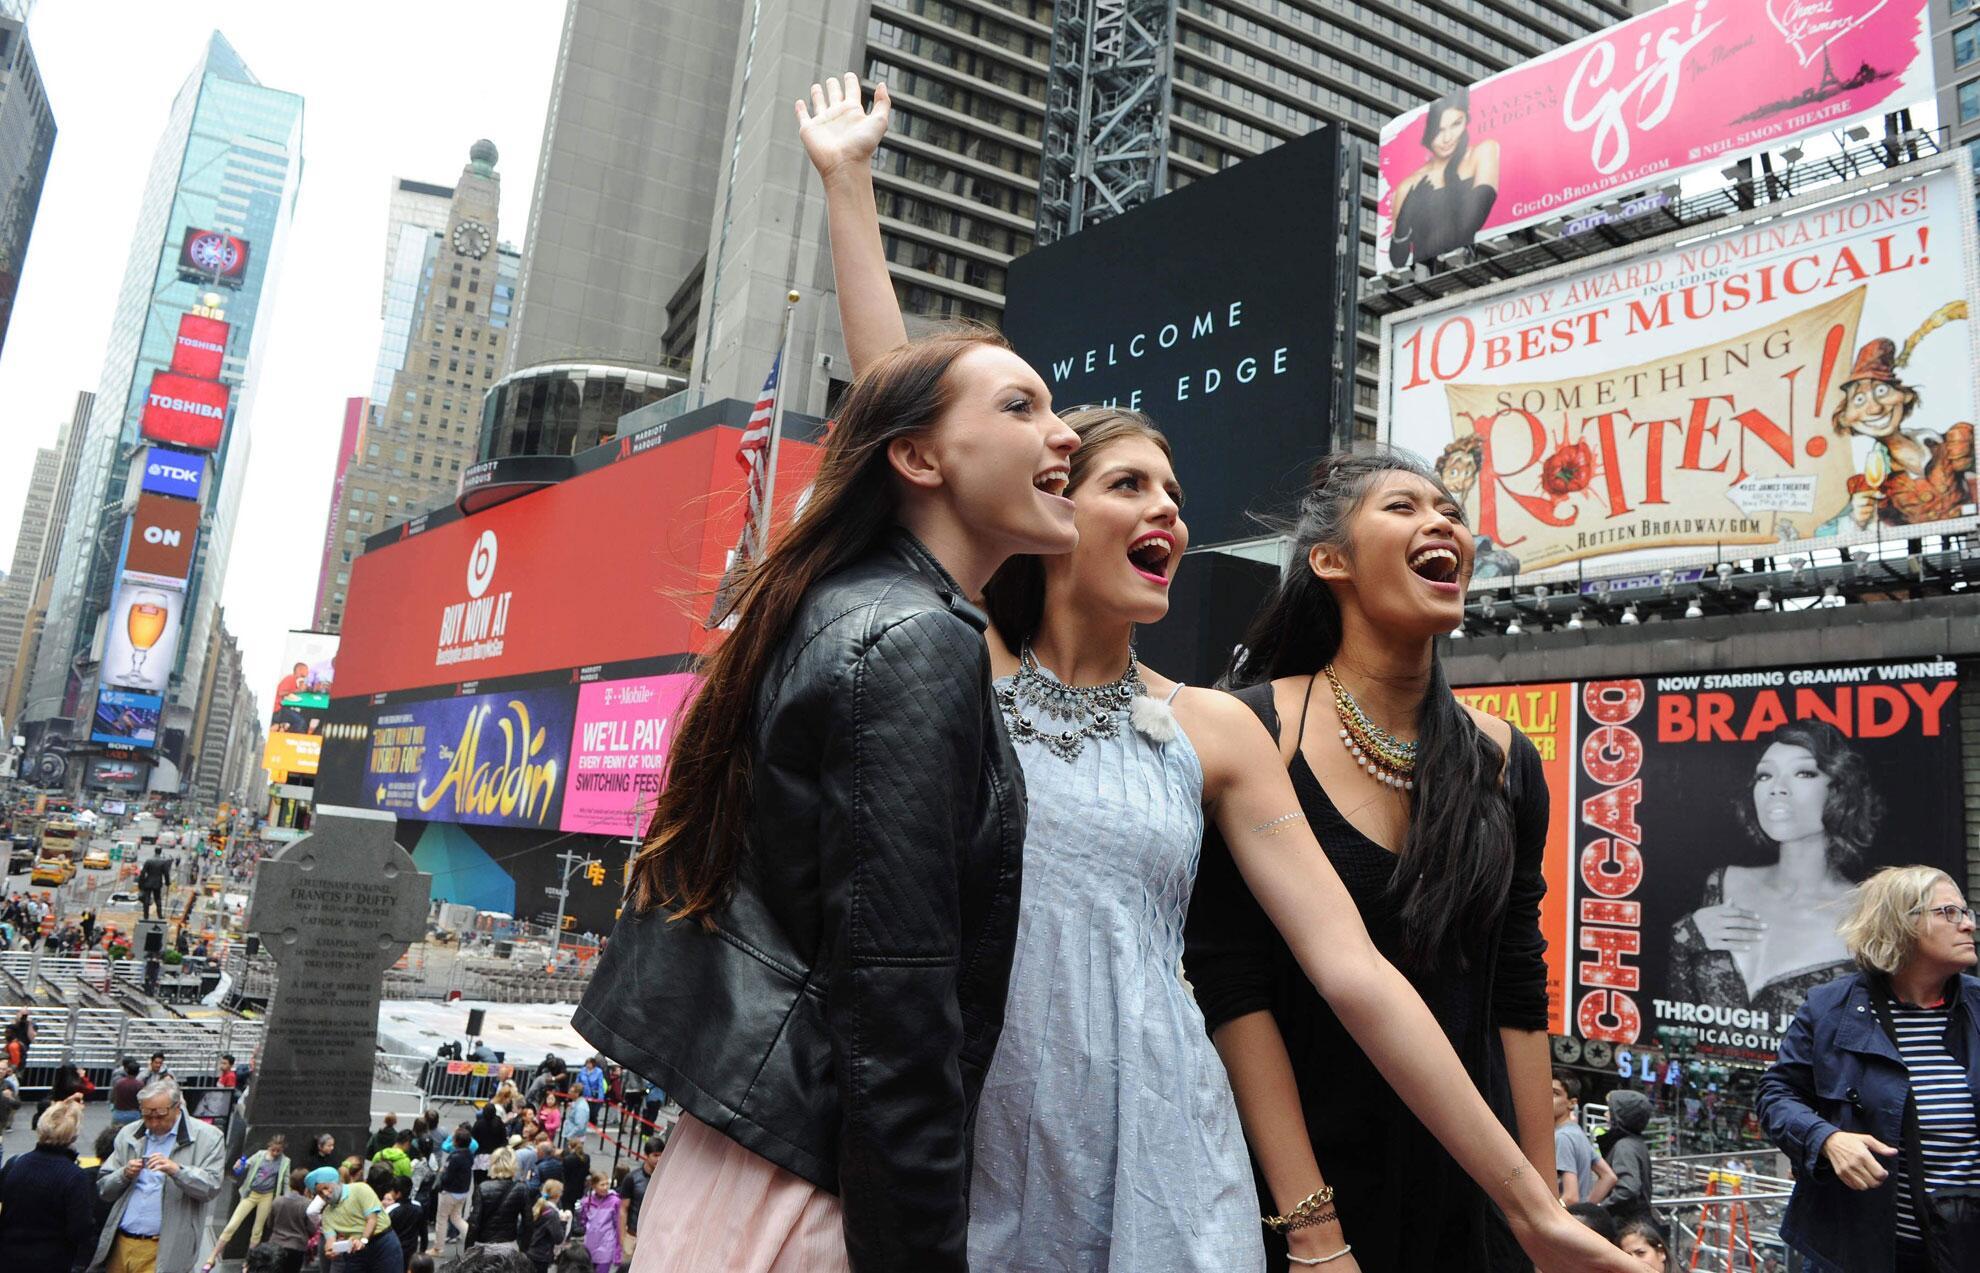 Gntm 2015 Finale So Reagiert Das Netz Auf Vanessas Sieg Bei